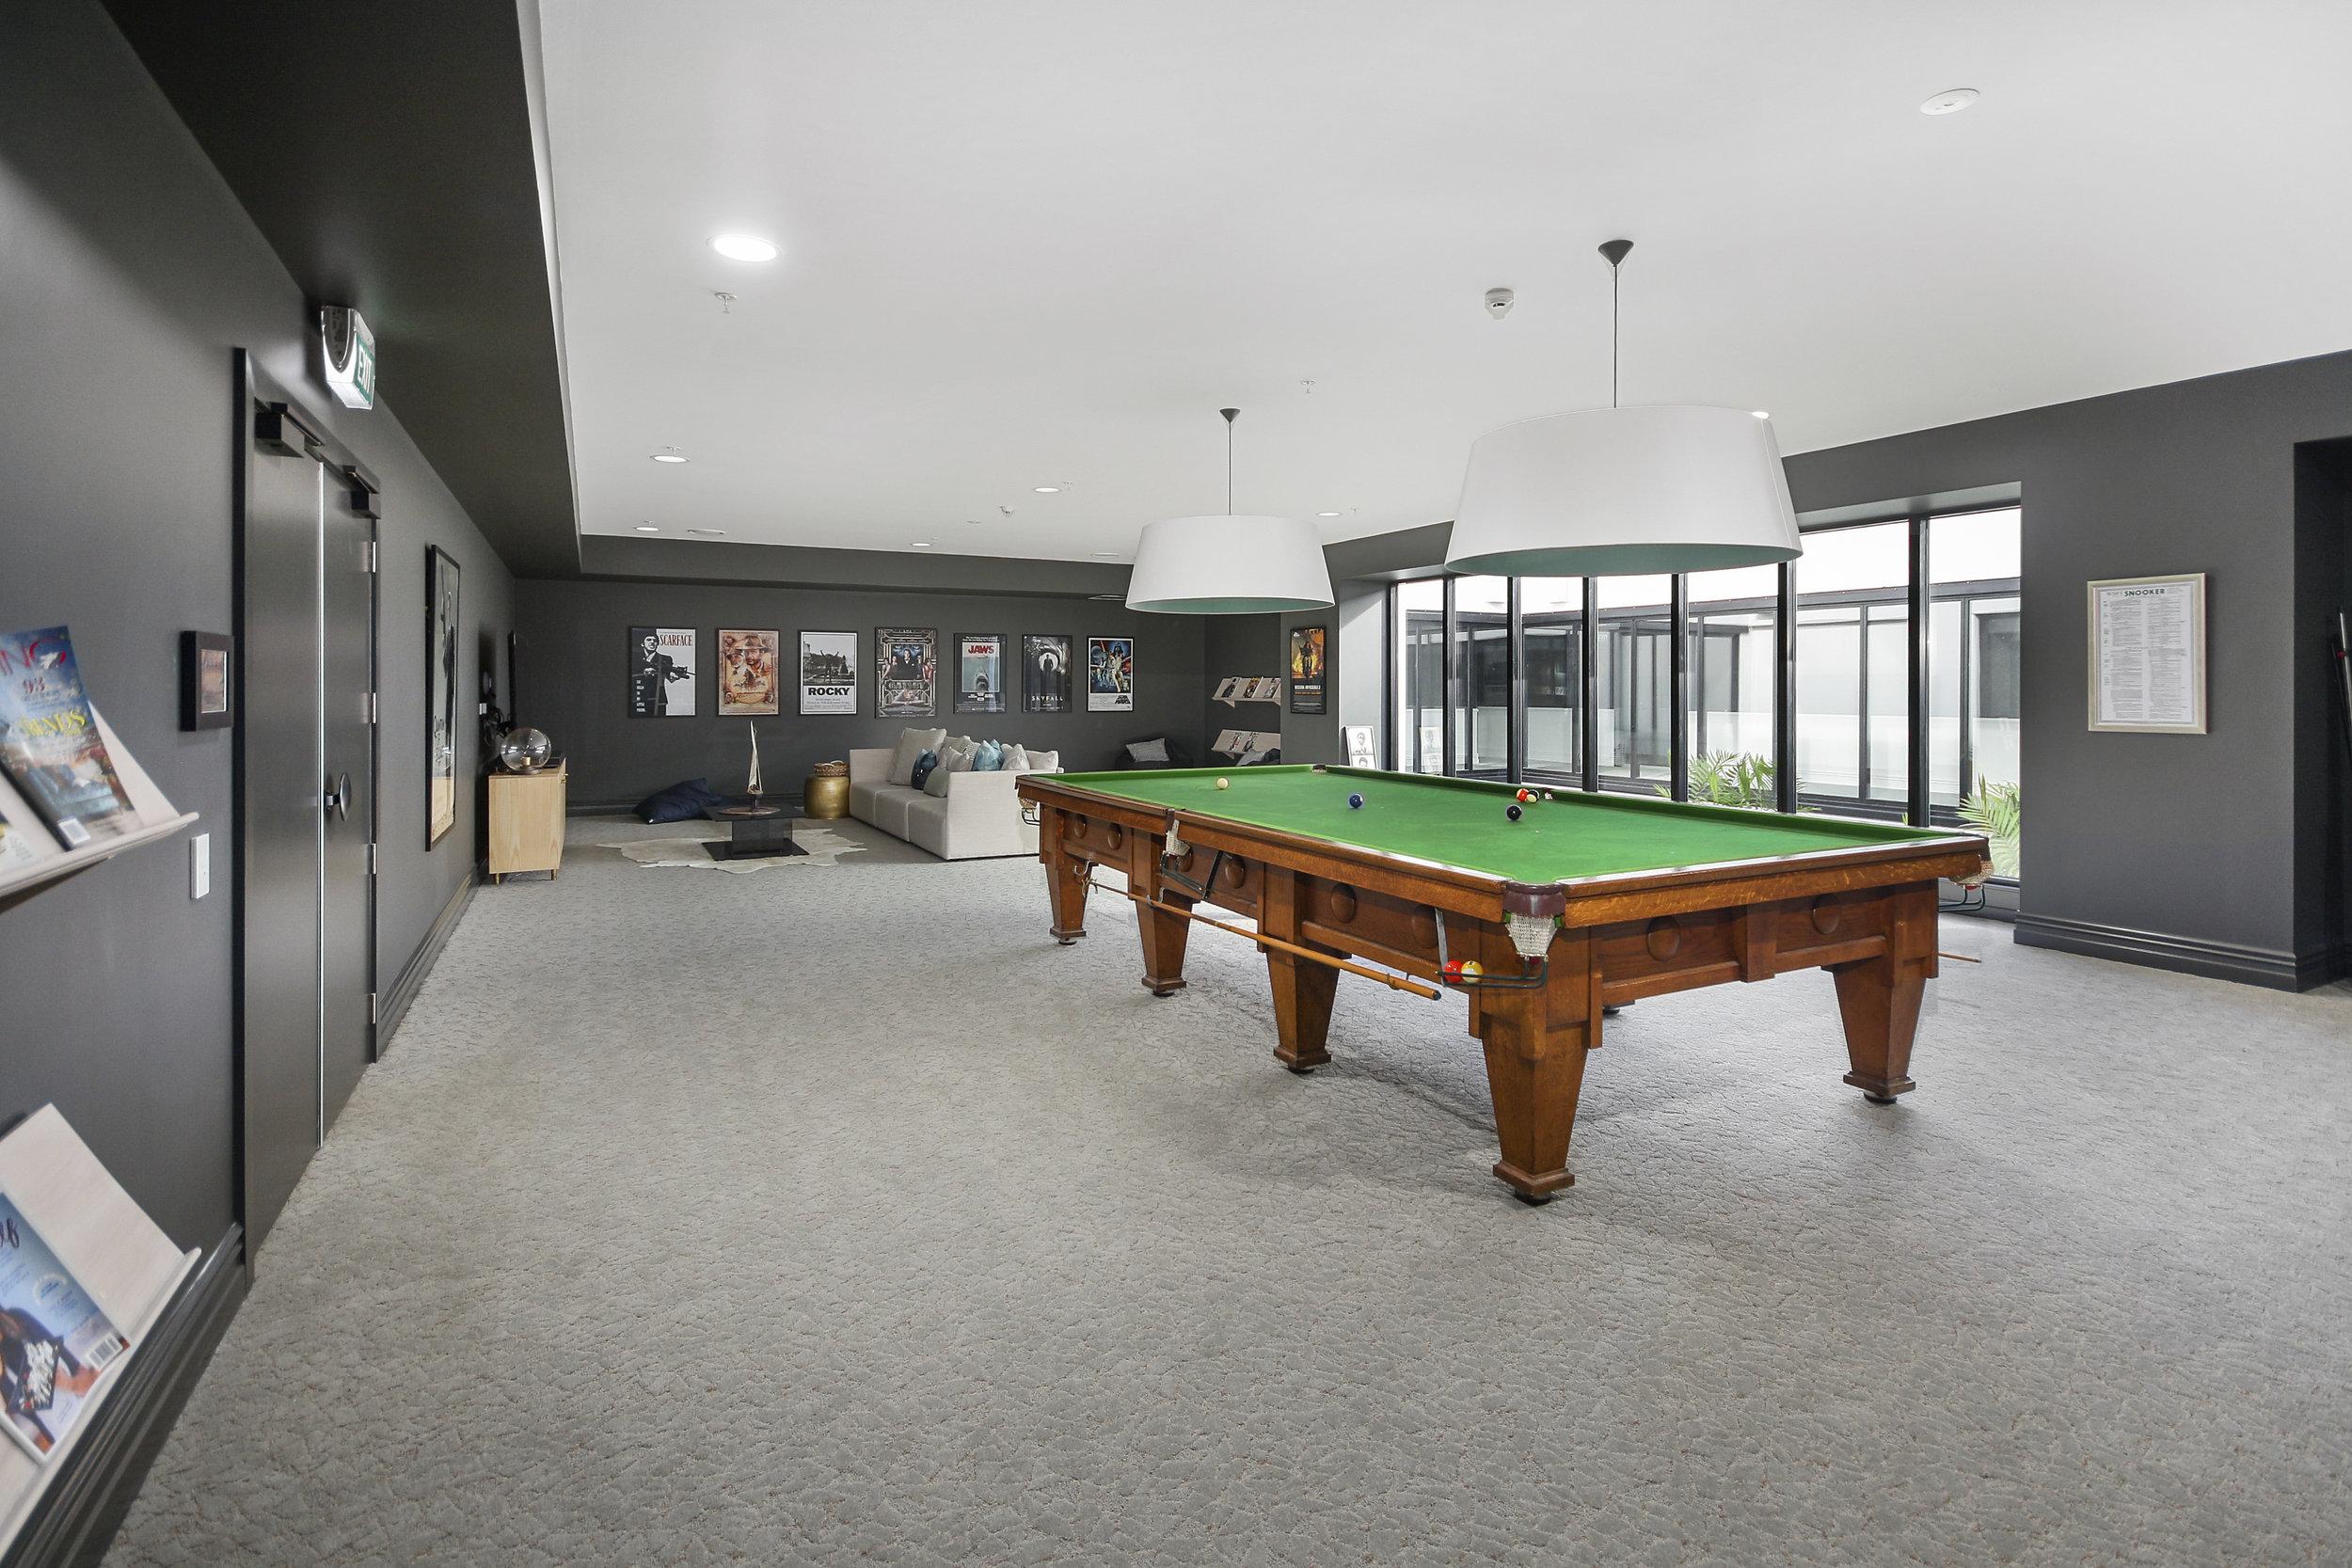 Billiards Room - facing left.jpg